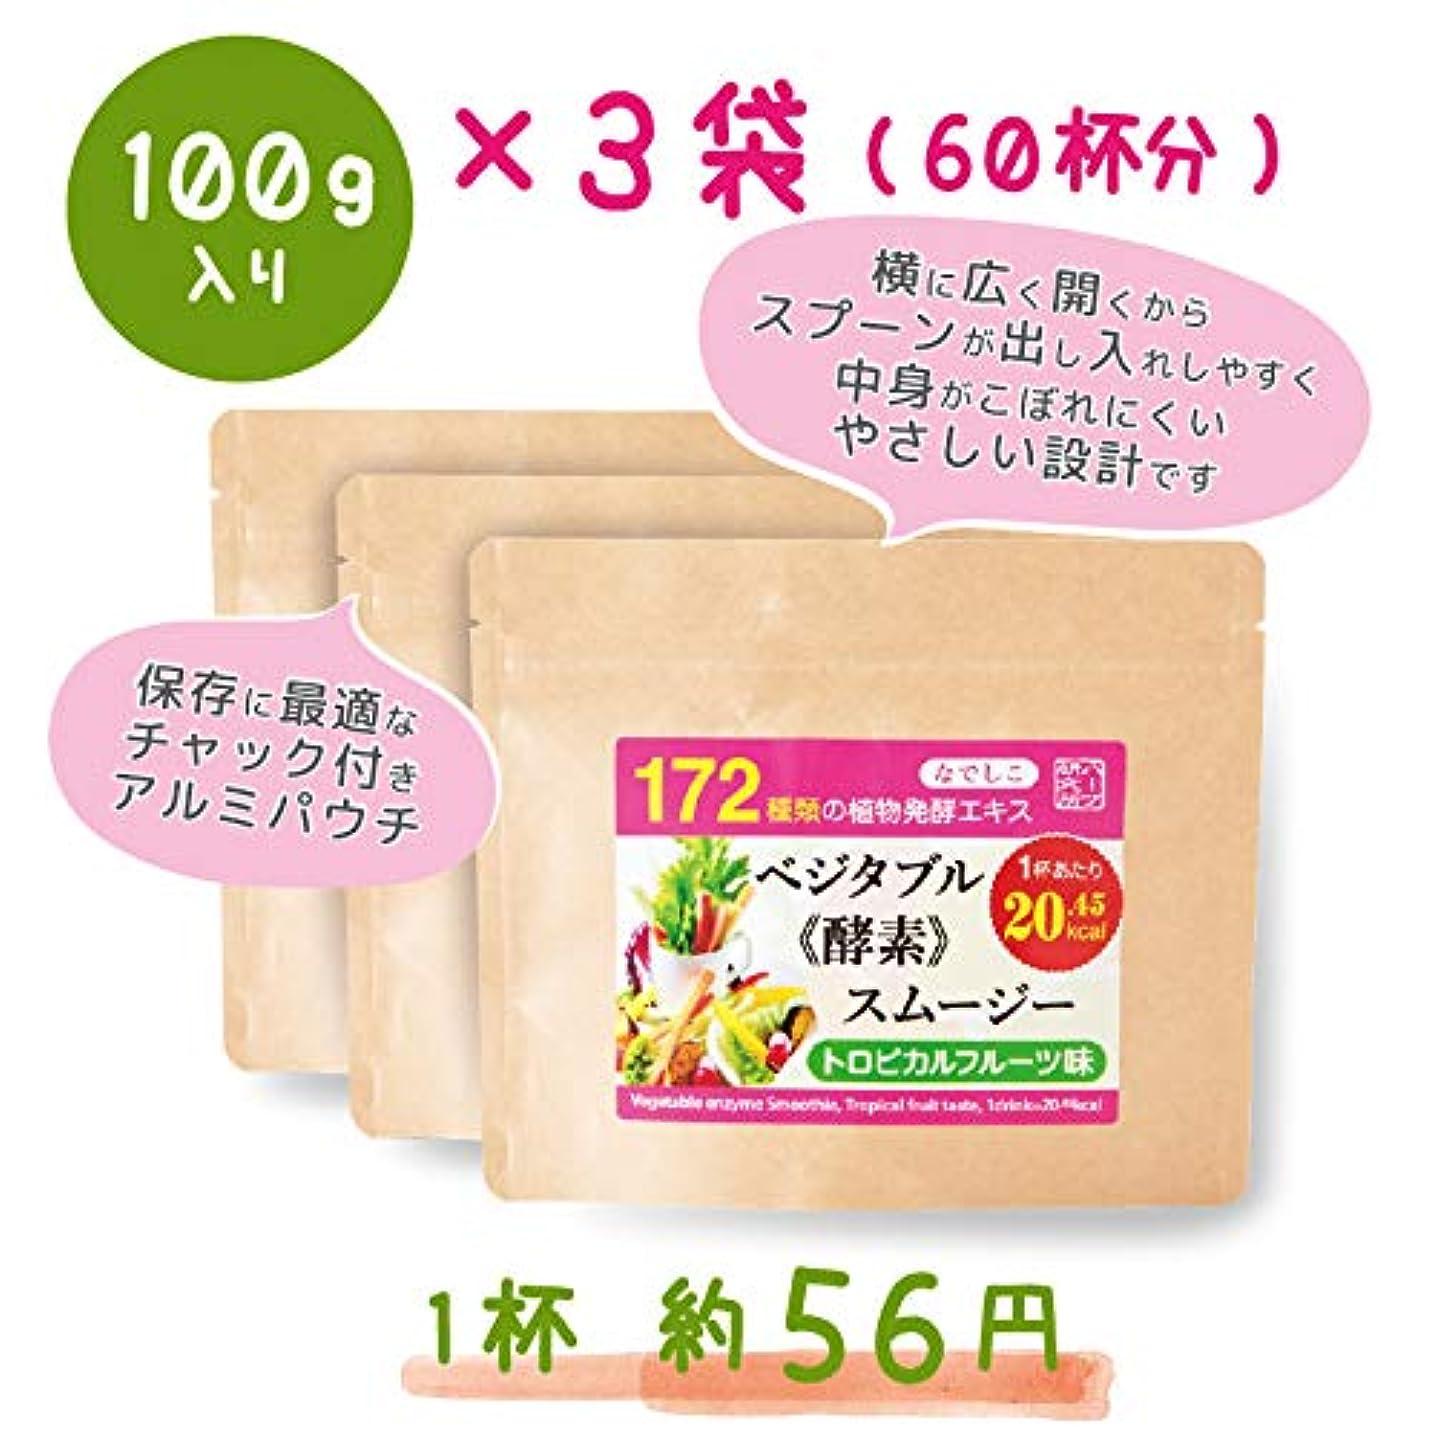 カフェテリア目立つインタラクションなでしこ ベジタブル酵素入り グリーンスムージー(トロピカルフルーツ味)300g (100g×3パック)で20%OFF